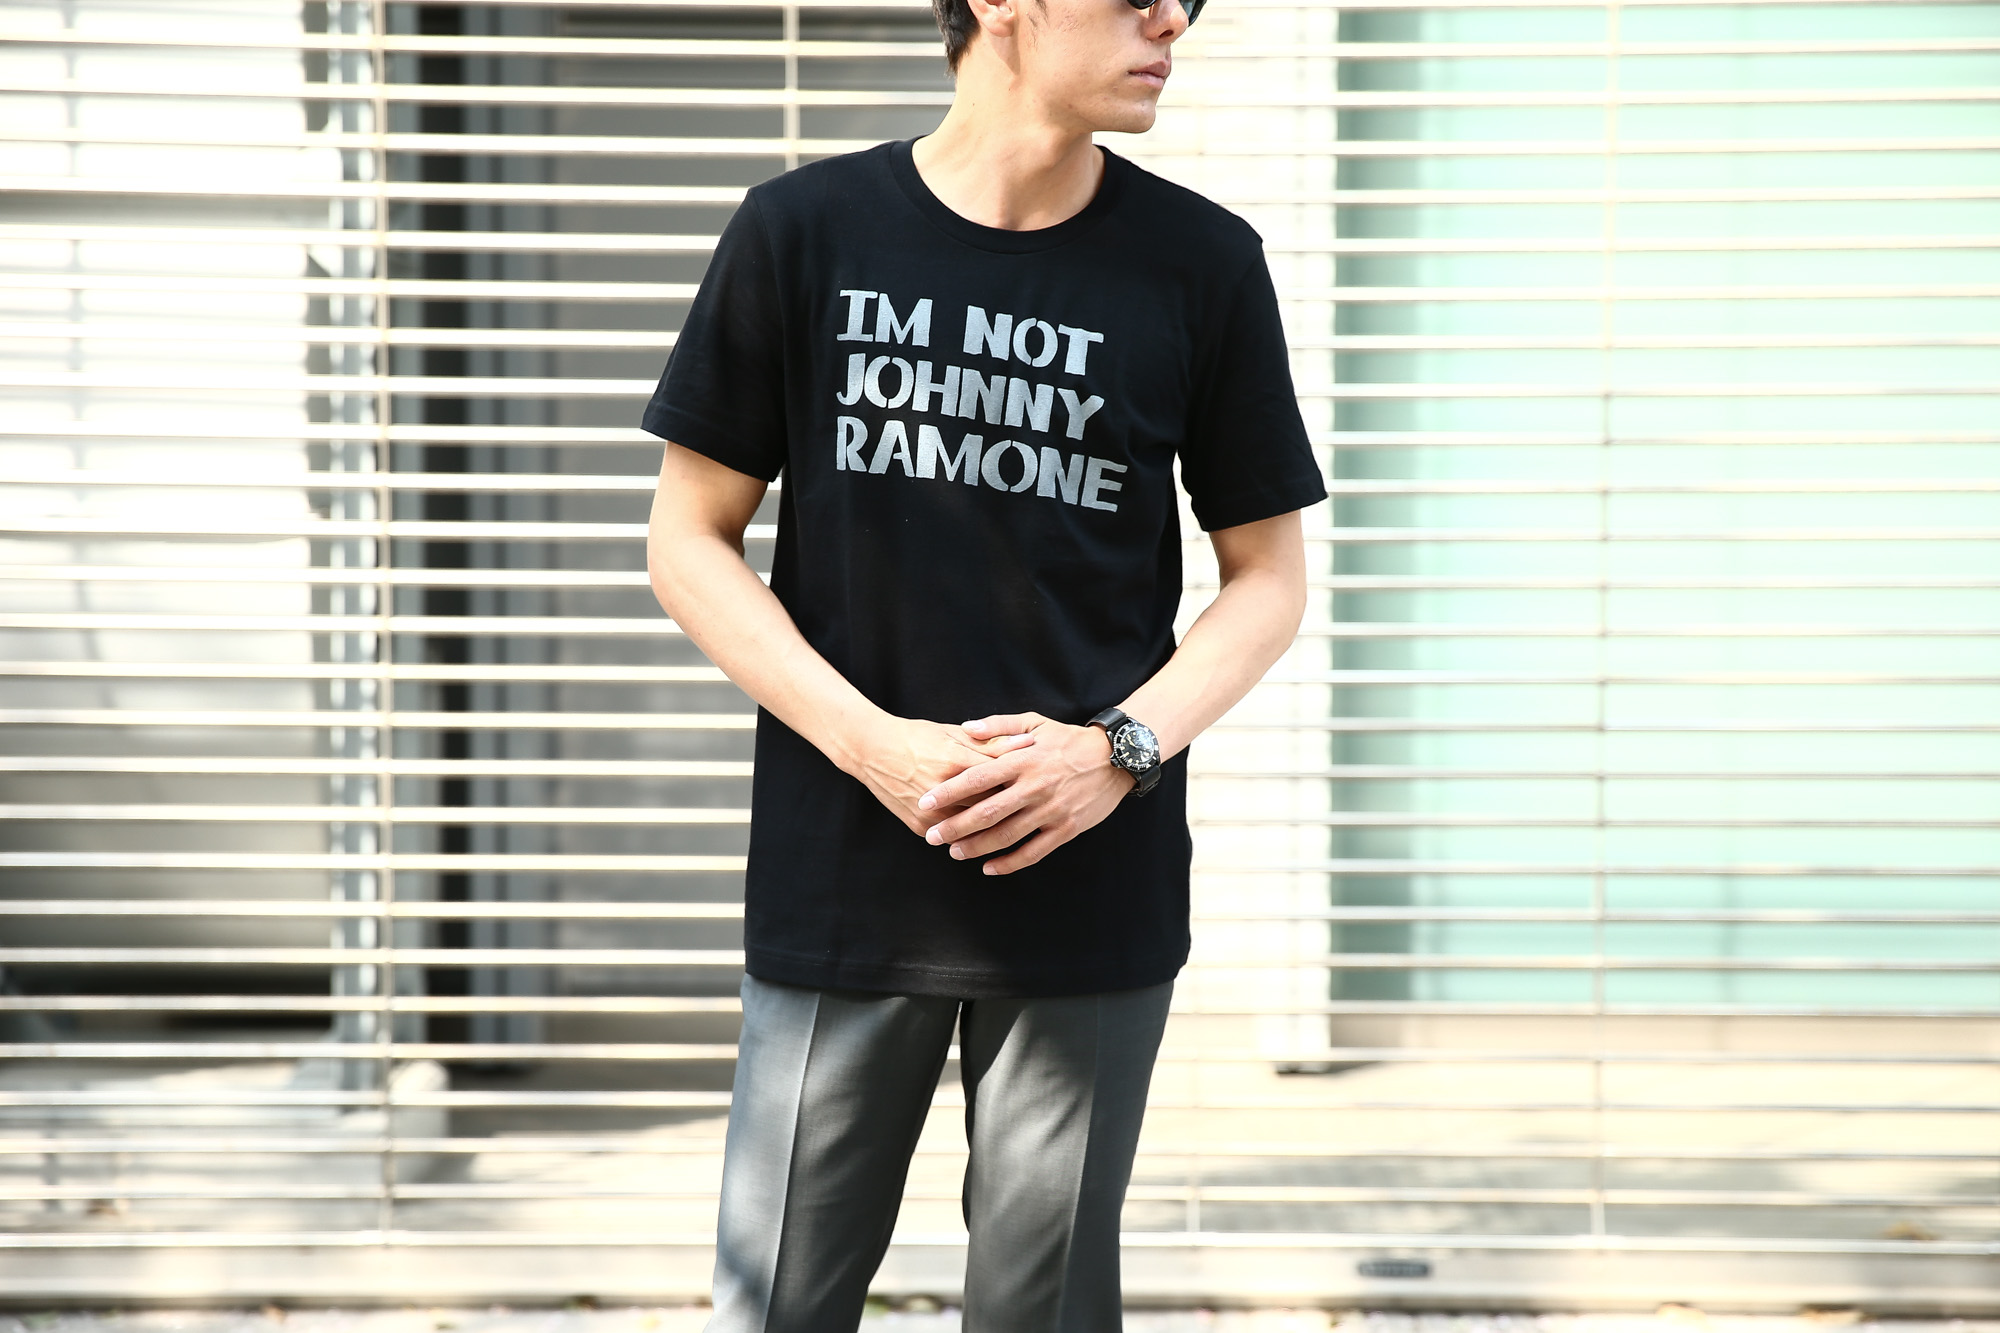 WORN FREE (ウォーンフリー) IM NOT JOHNNY RAMONE RAMONES (ジョニー・ラモーン ラモーンズ) 1977 THE WHISKY.LA プリントTシャツ バンドTシャツ ロックTシャツ BLACK (ブラック) MADE IN USA (アメリカ製) 2018春夏新作 wornfree ウォーンフリー 愛知 名古屋 Alto e Diritto アルト エ デリット ramones ラモーンズ bandtee rocktee